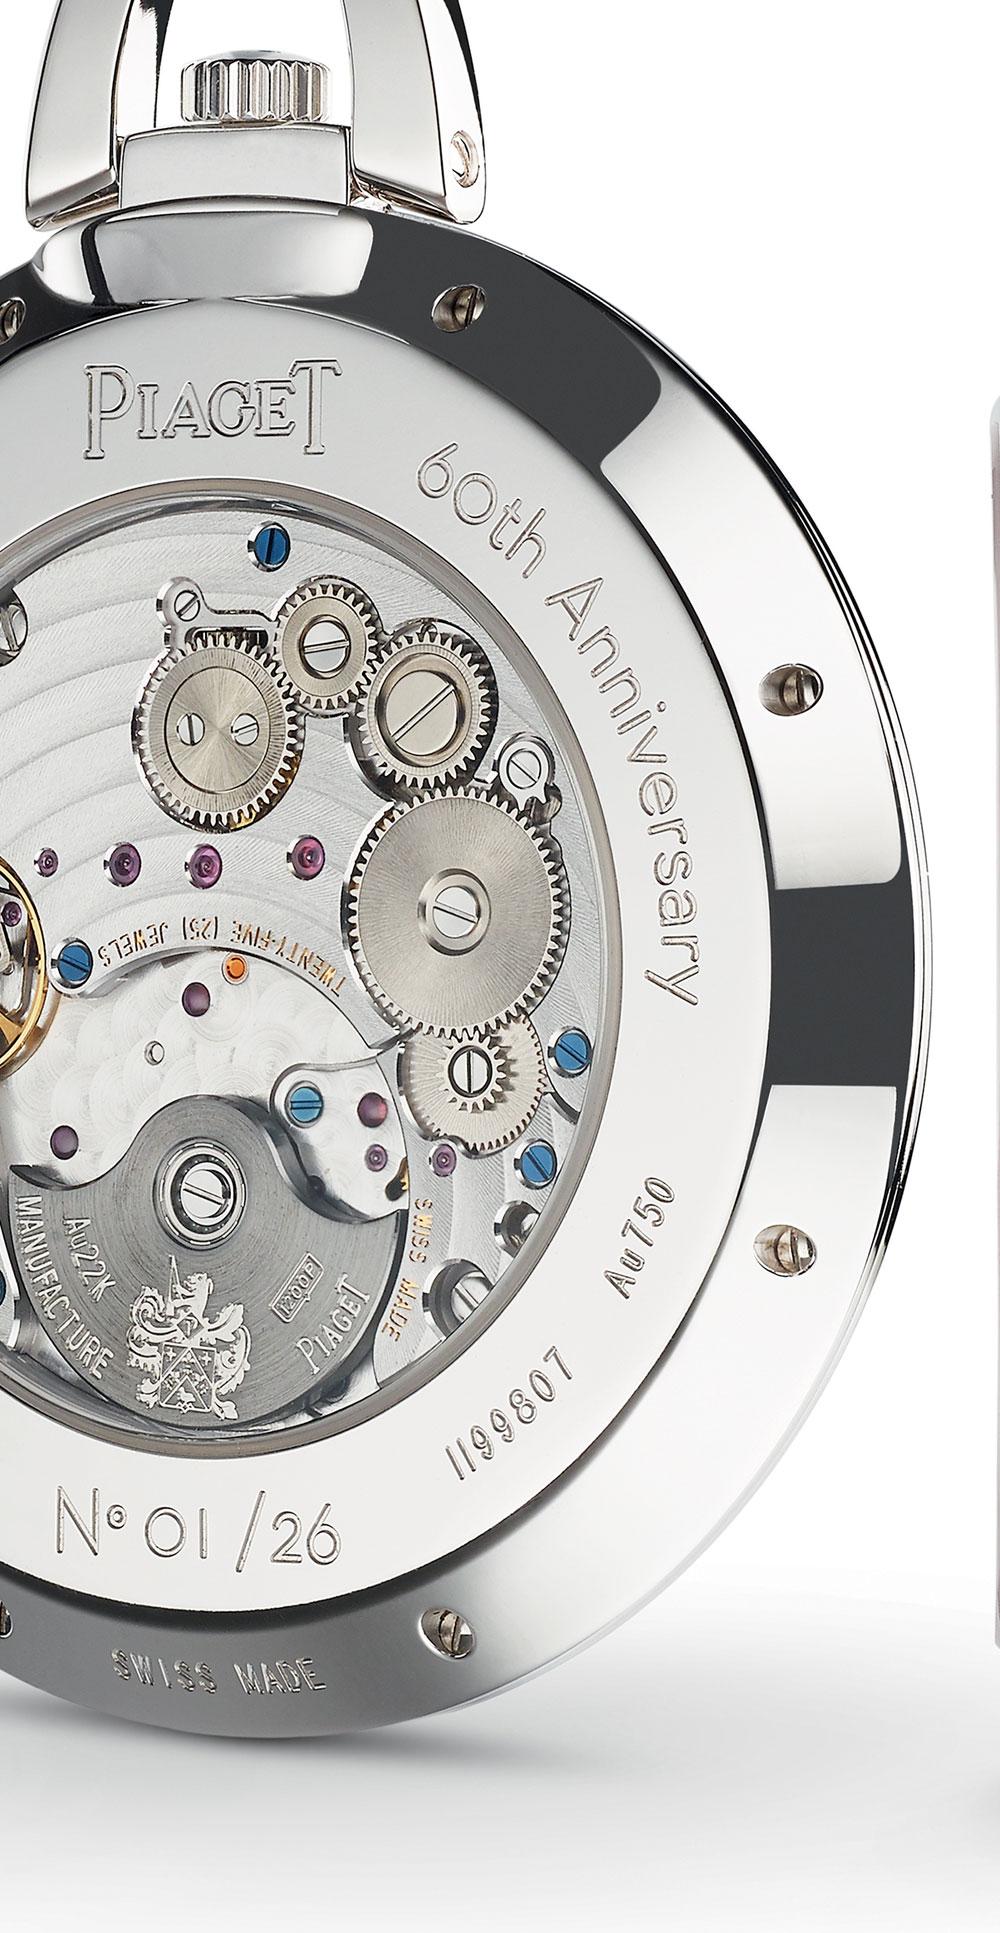 calibre 1200P reloj de bolsillo Altiplano 60 aniversario de Piaget